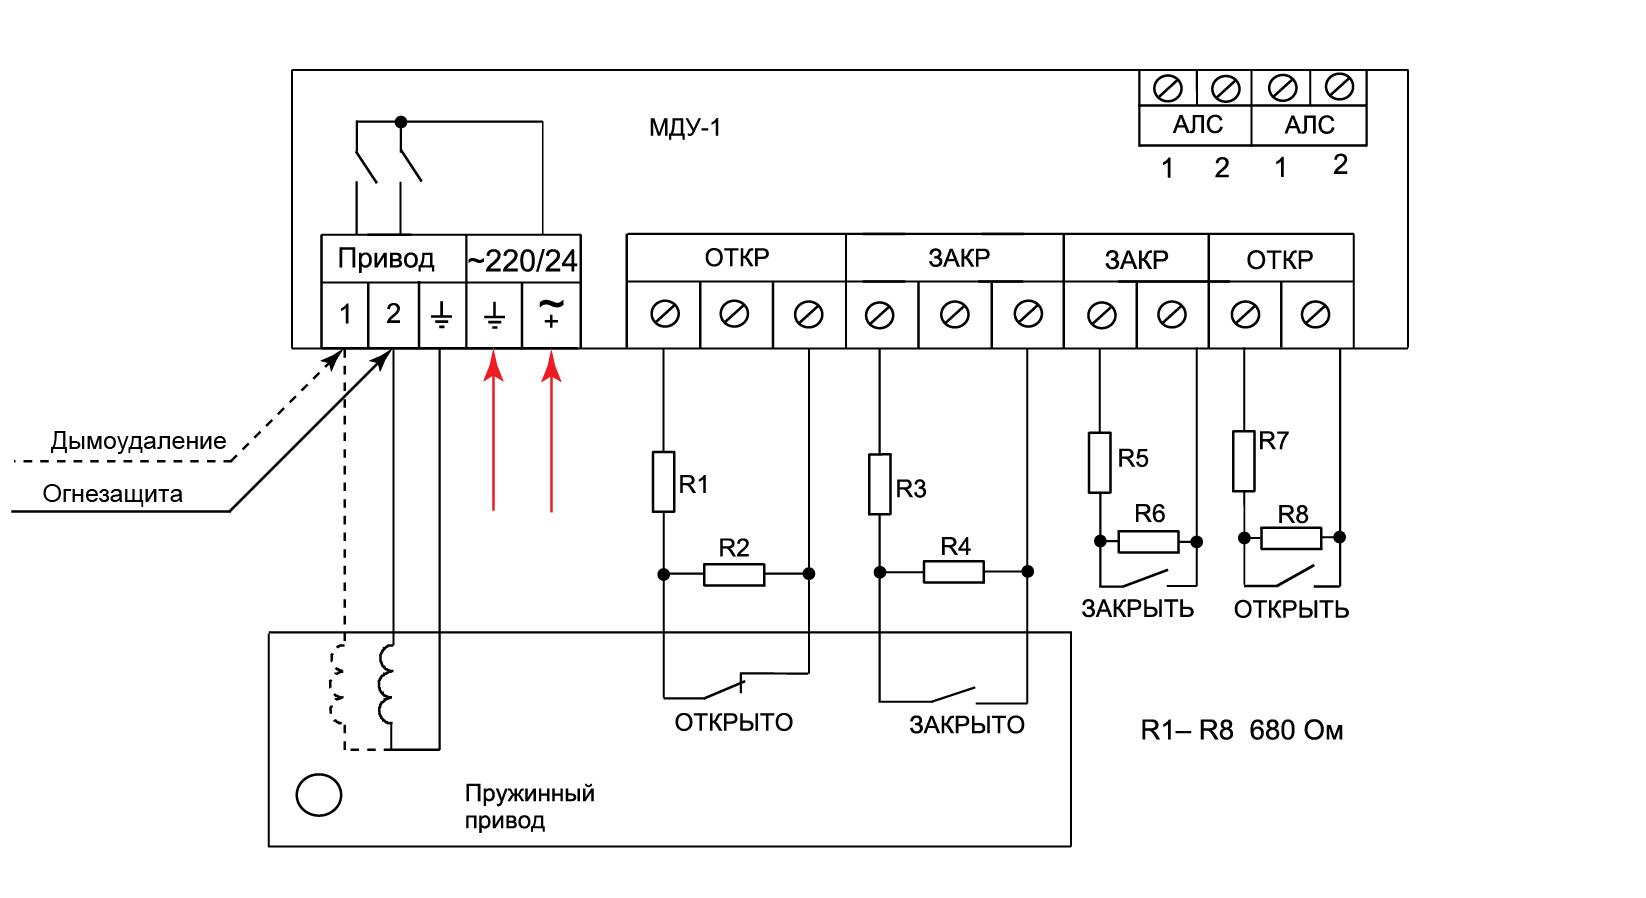 МДУ-1 протокол R3